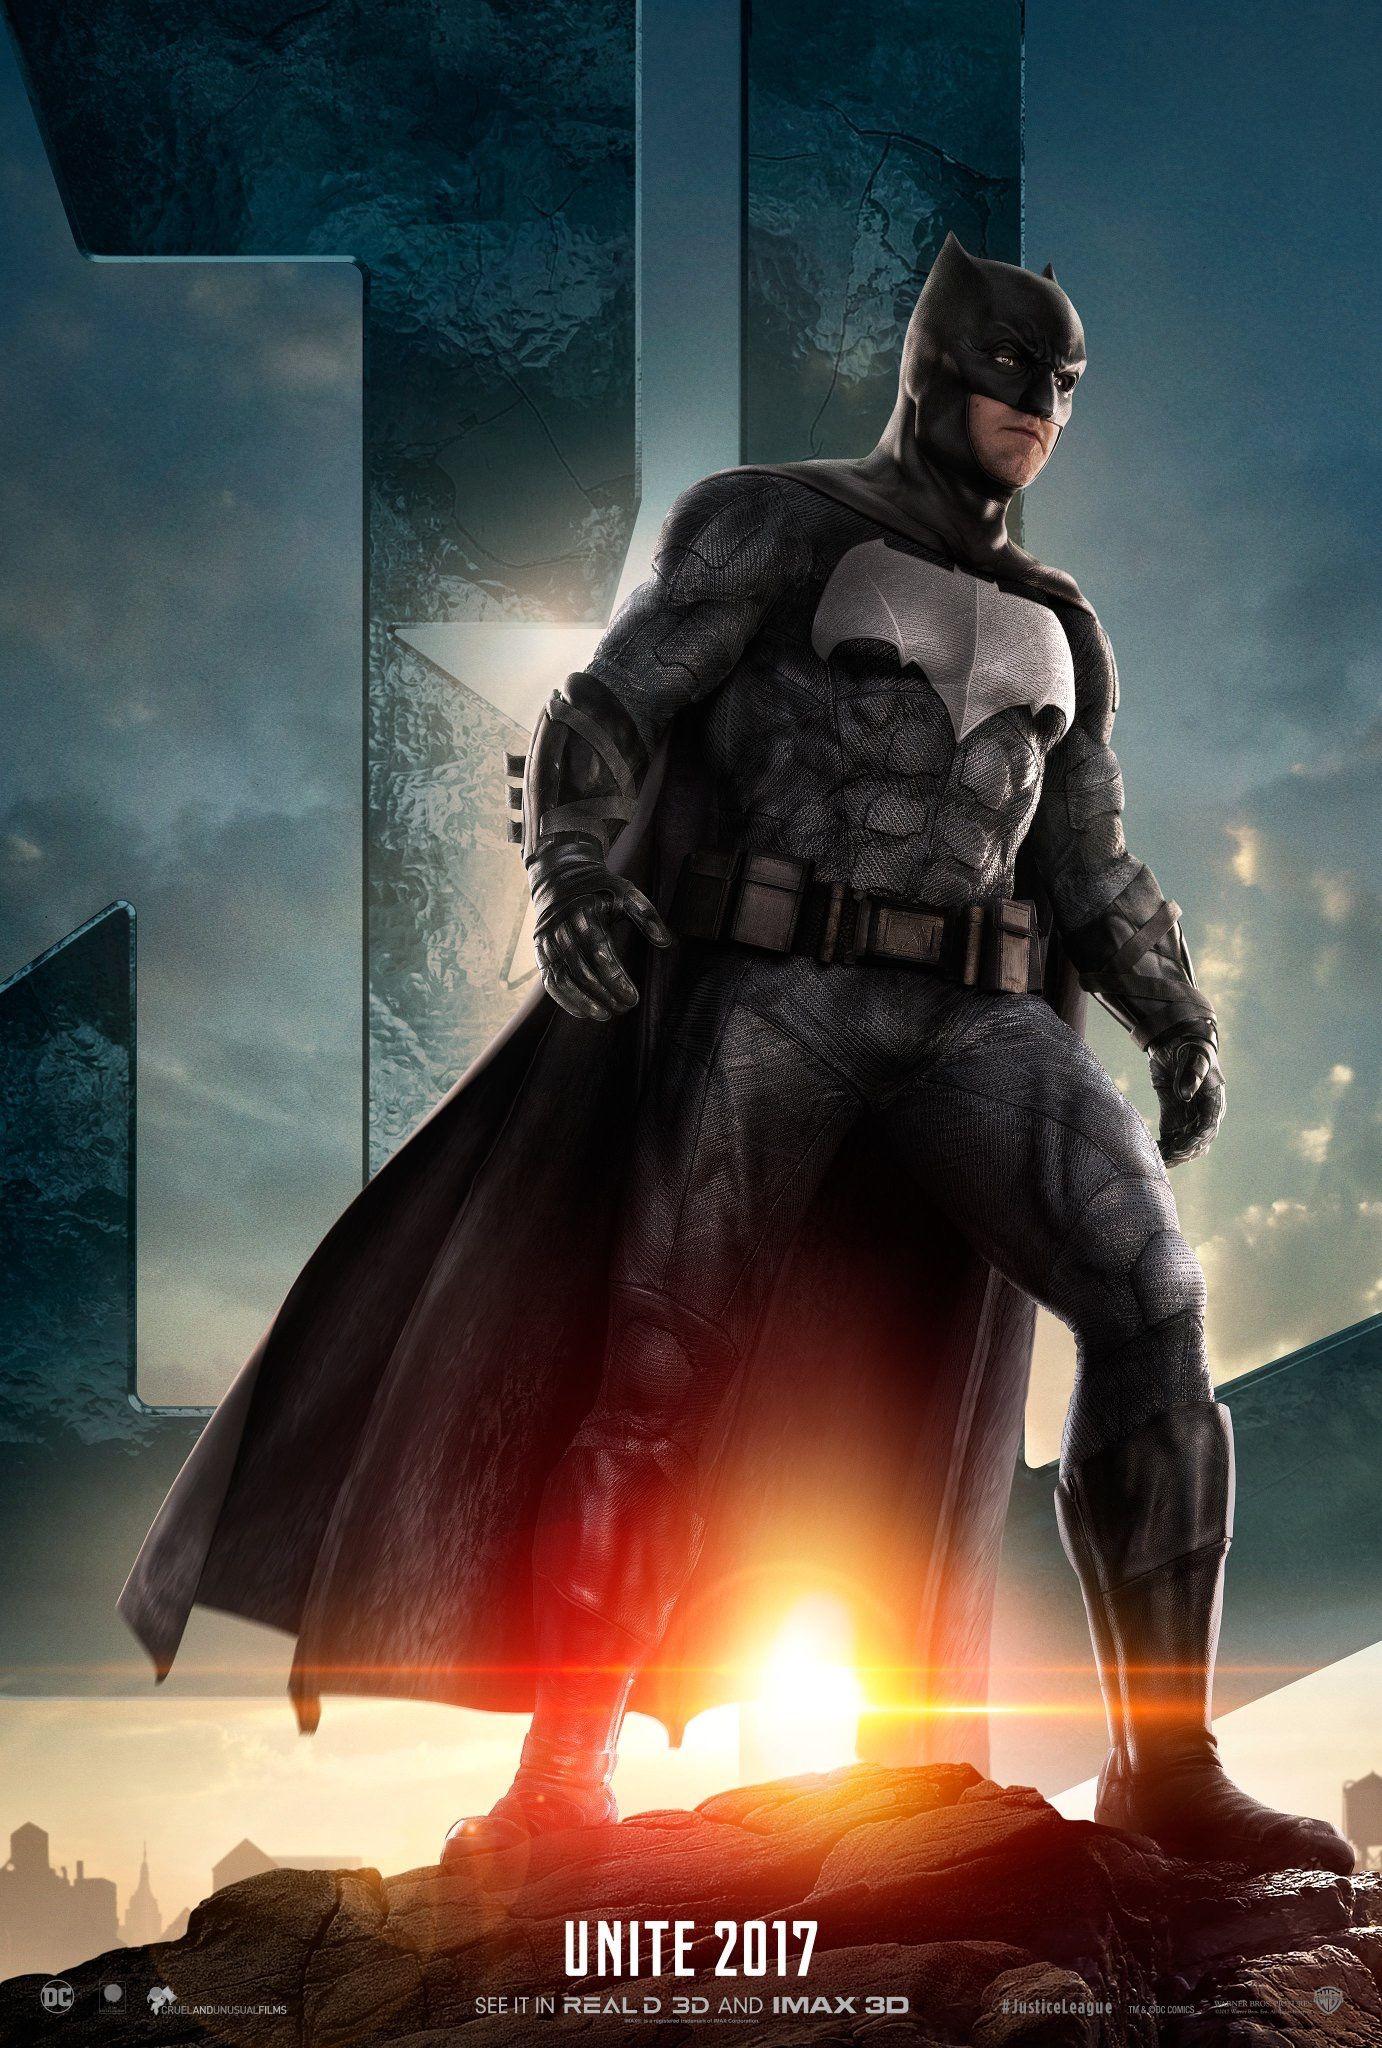 Tableau Batman justice league 4 GMMEgJdTableau Batman justice leaguee3a2f3c9727d71fcf6524ba40cf25f7d